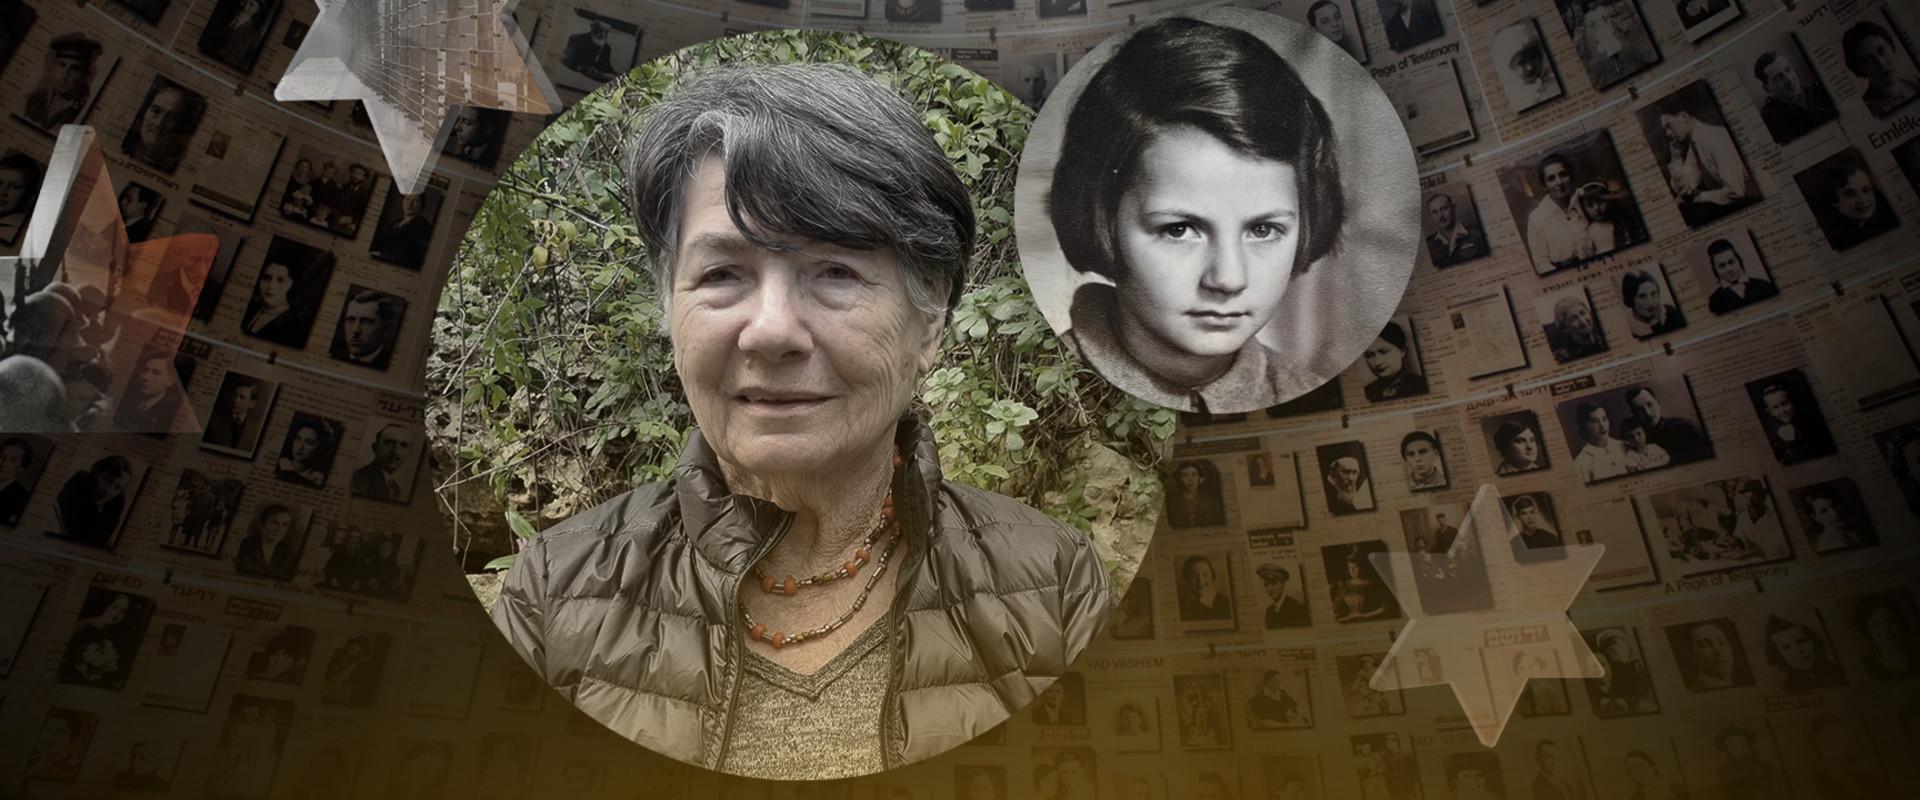 אליסיה ניצולת השואה  (צילום: באדיבות המשפחה)